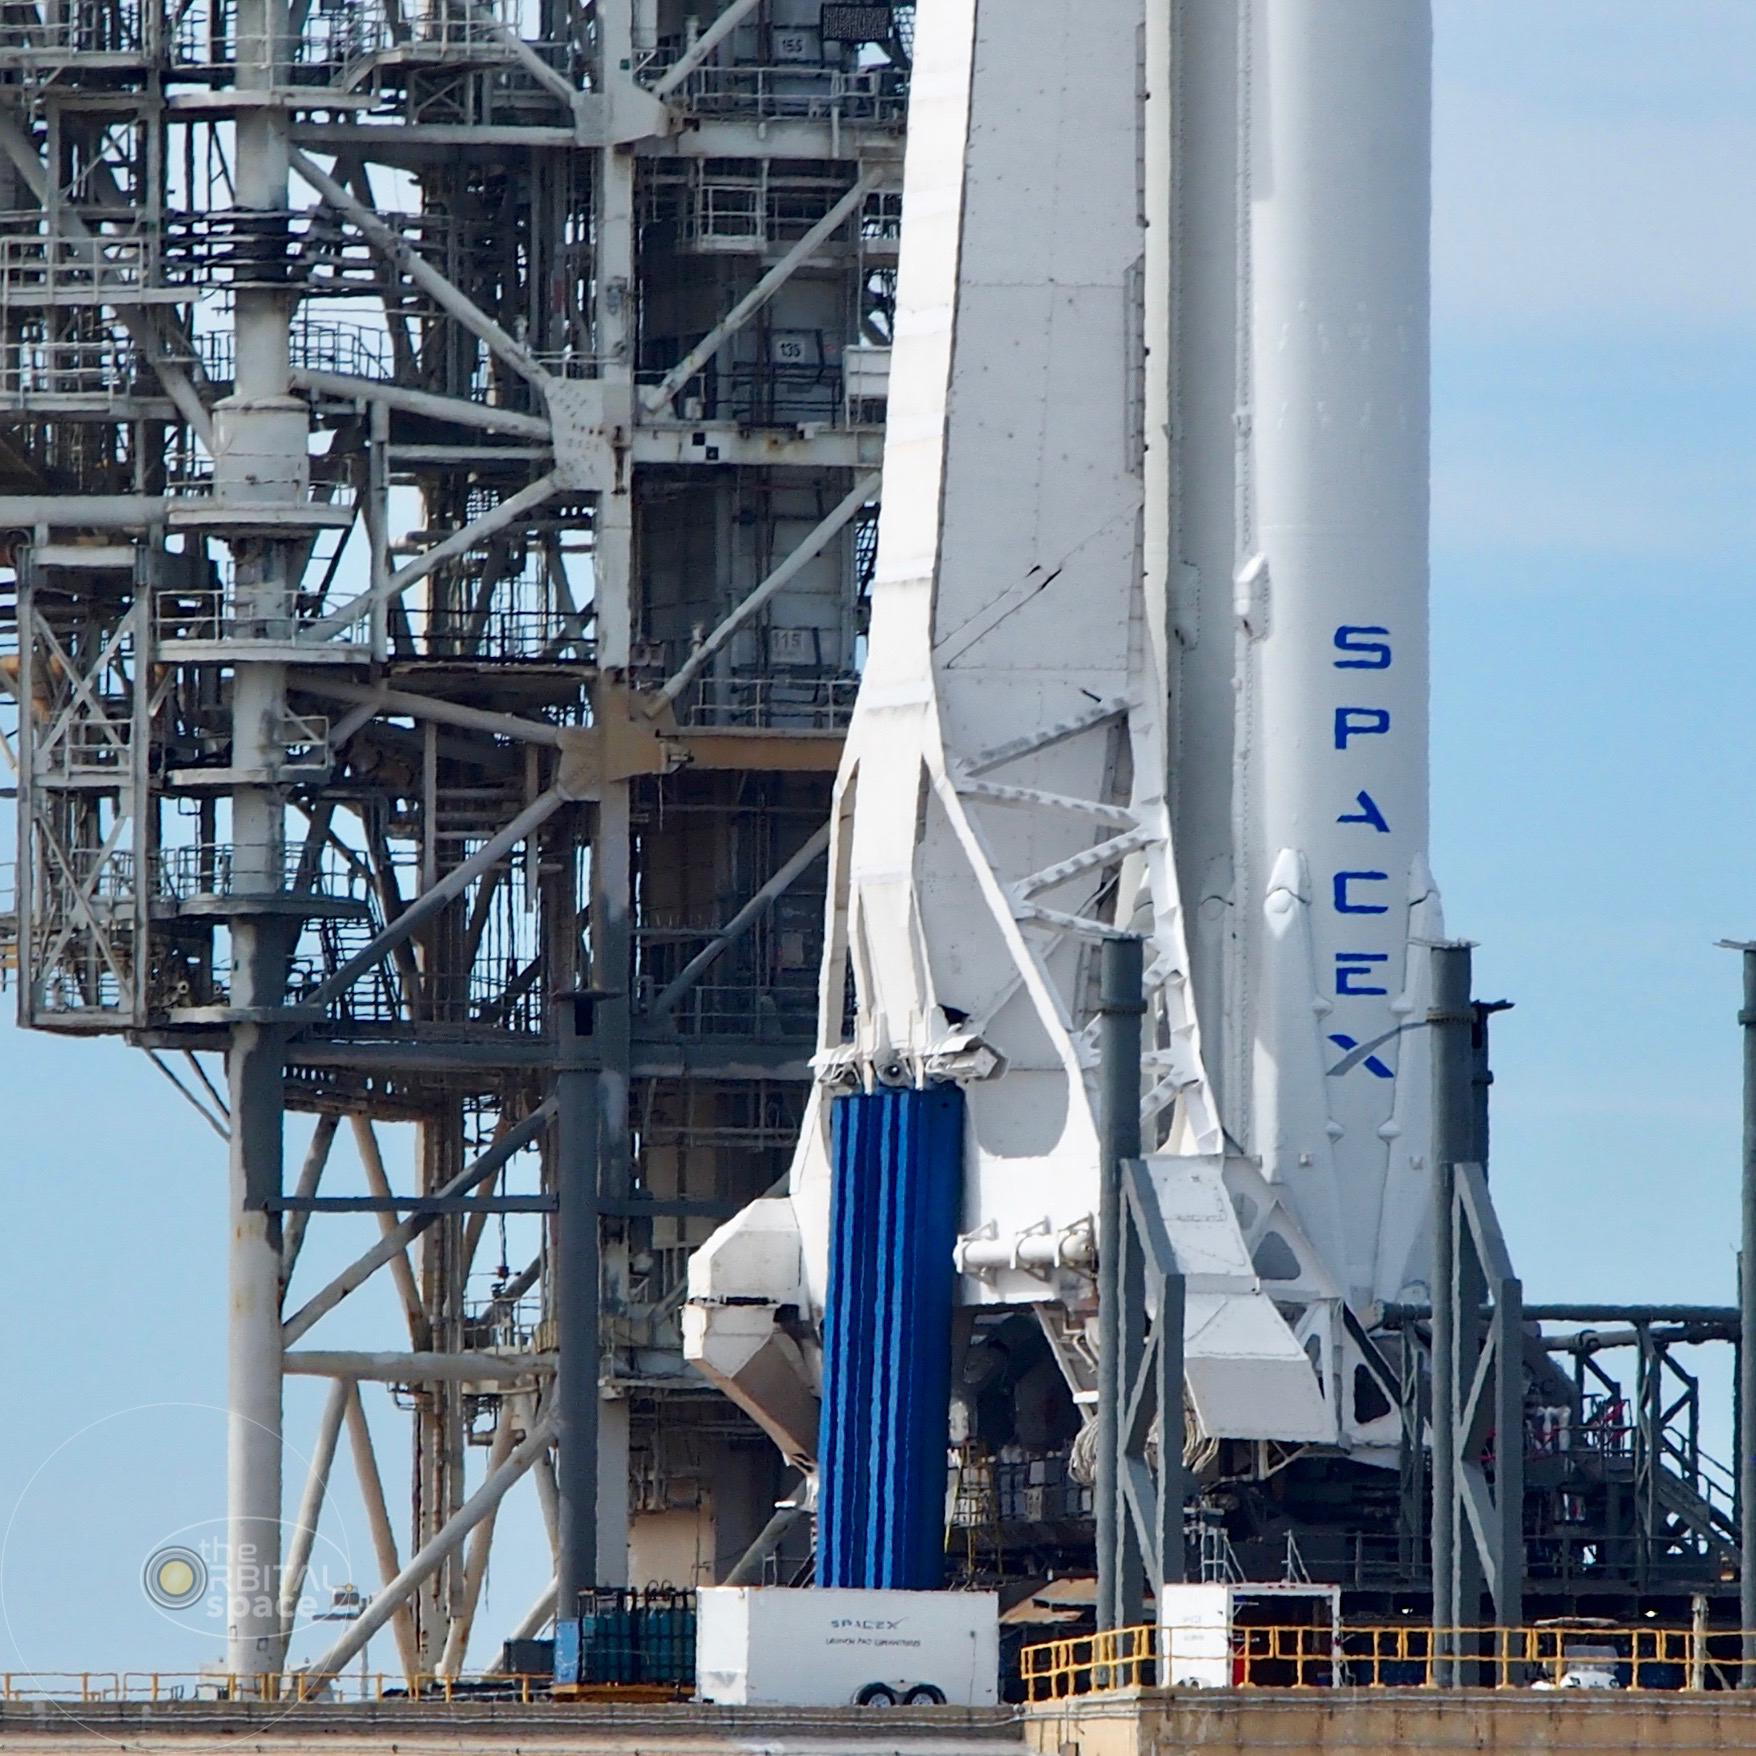 SpaceX's Falcon Heavy bottom half